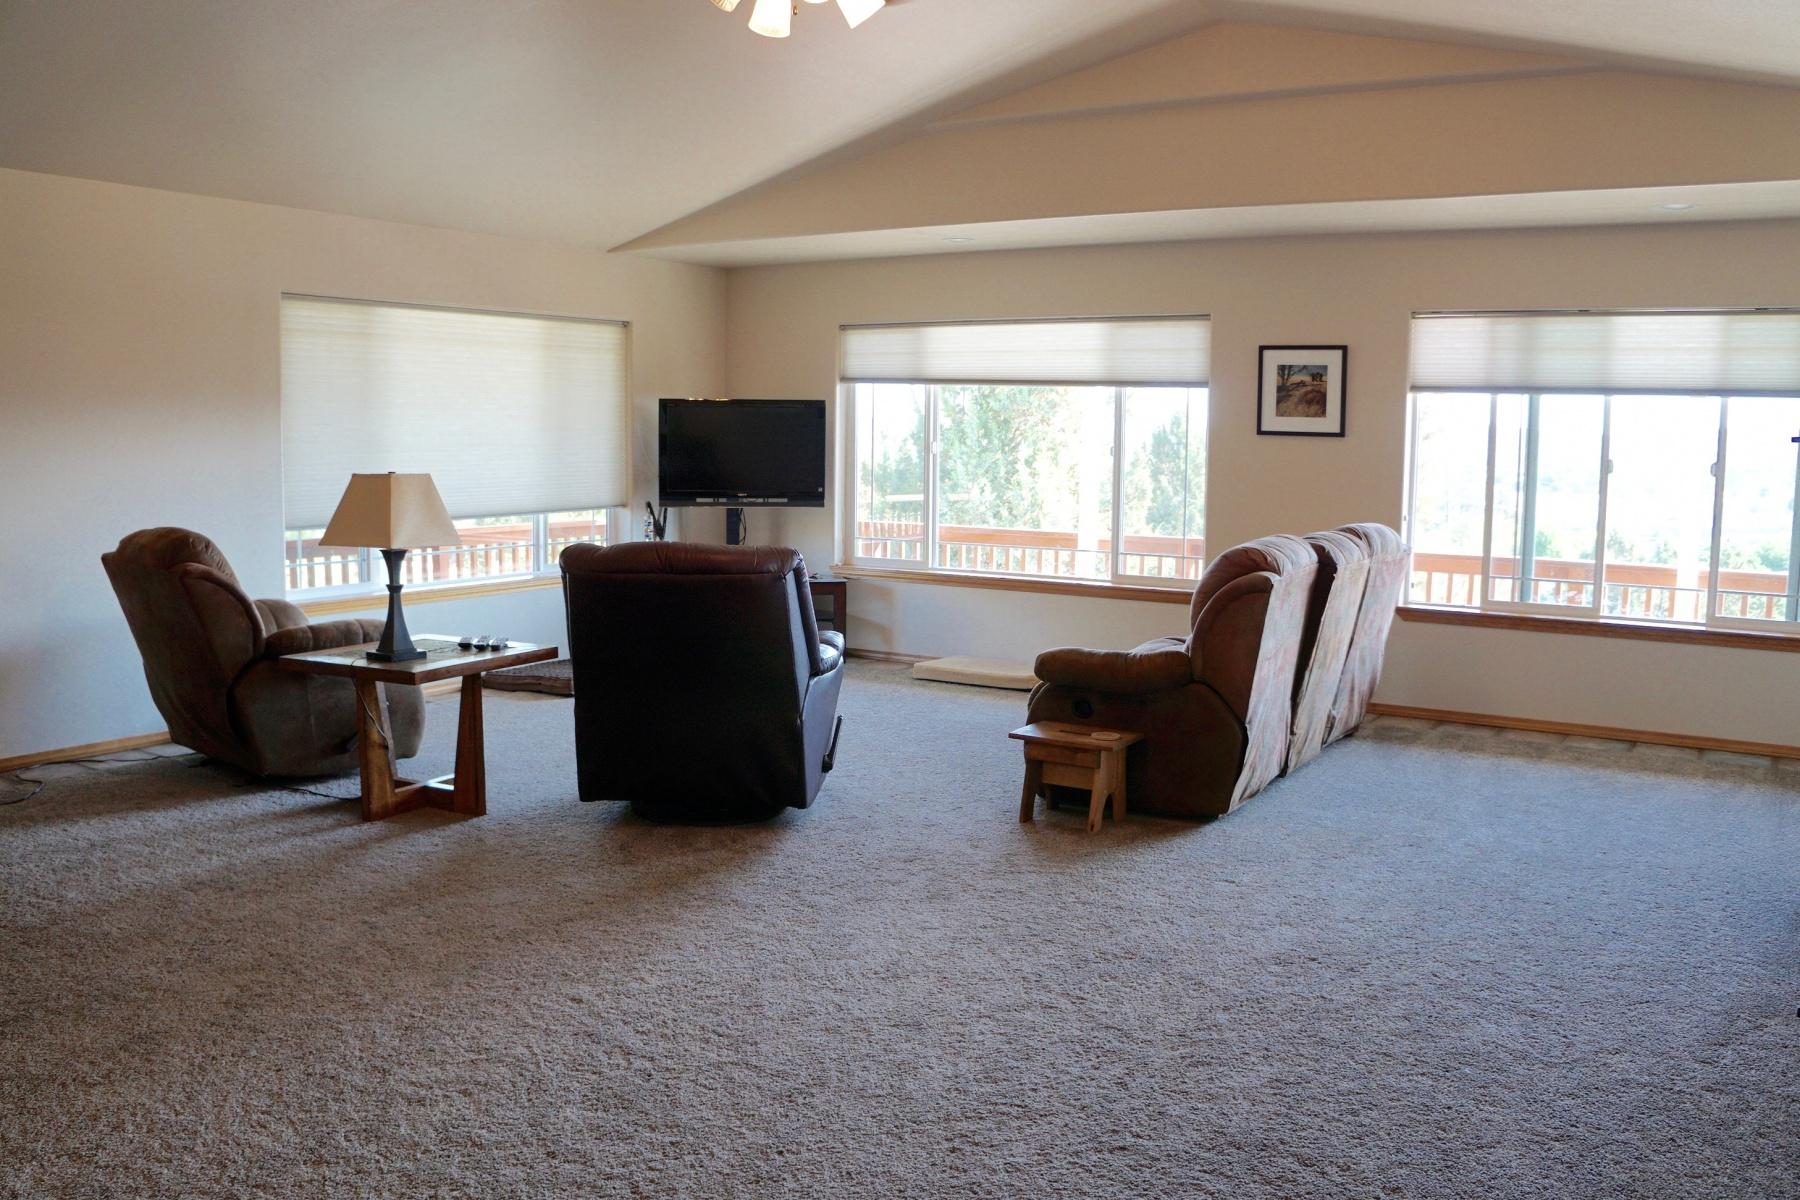 独户住宅 为 销售 在 721 SW Lorraine, MADRAS 721 SW Lorraine Dr 马德拉斯棉布, 俄勒冈州, 97741 美国